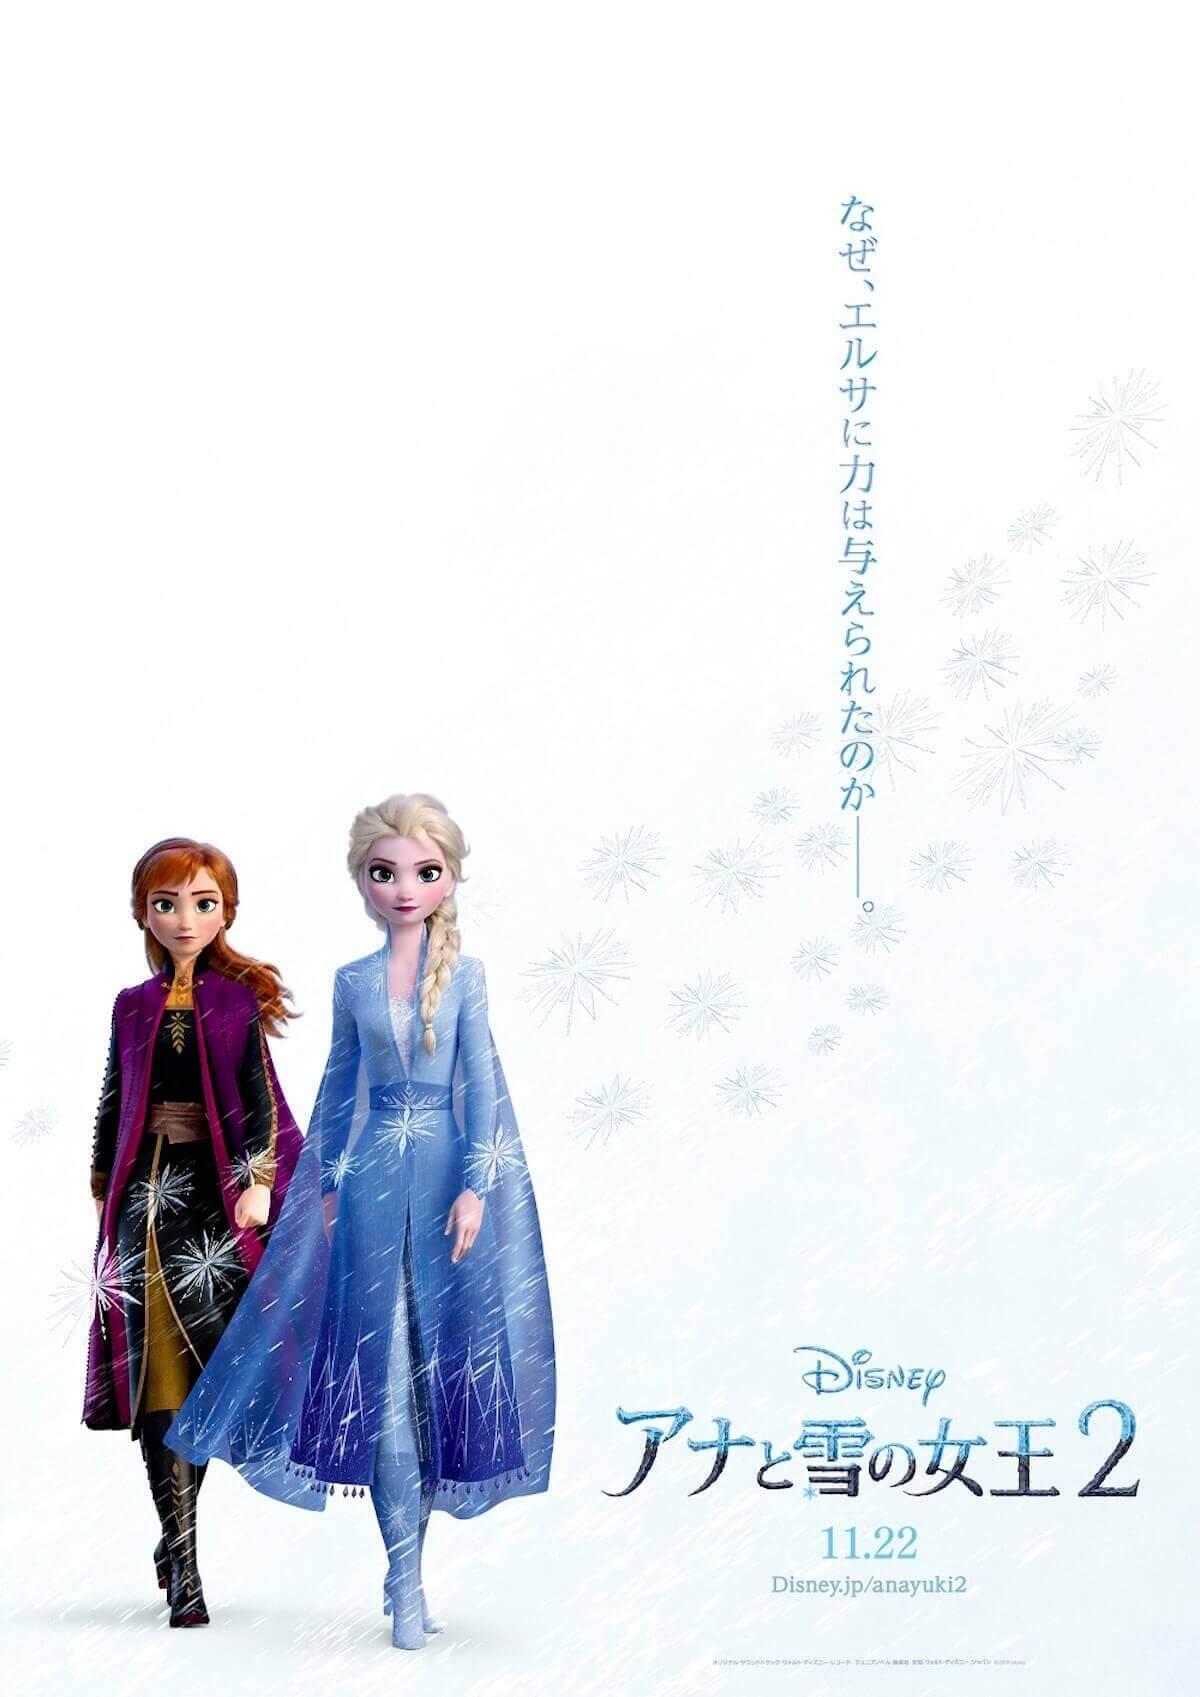 新しくなったオラフの声にも注目 アナと雪の女王2 日本版予告が公開 19年10月10日 エキサイトニュース